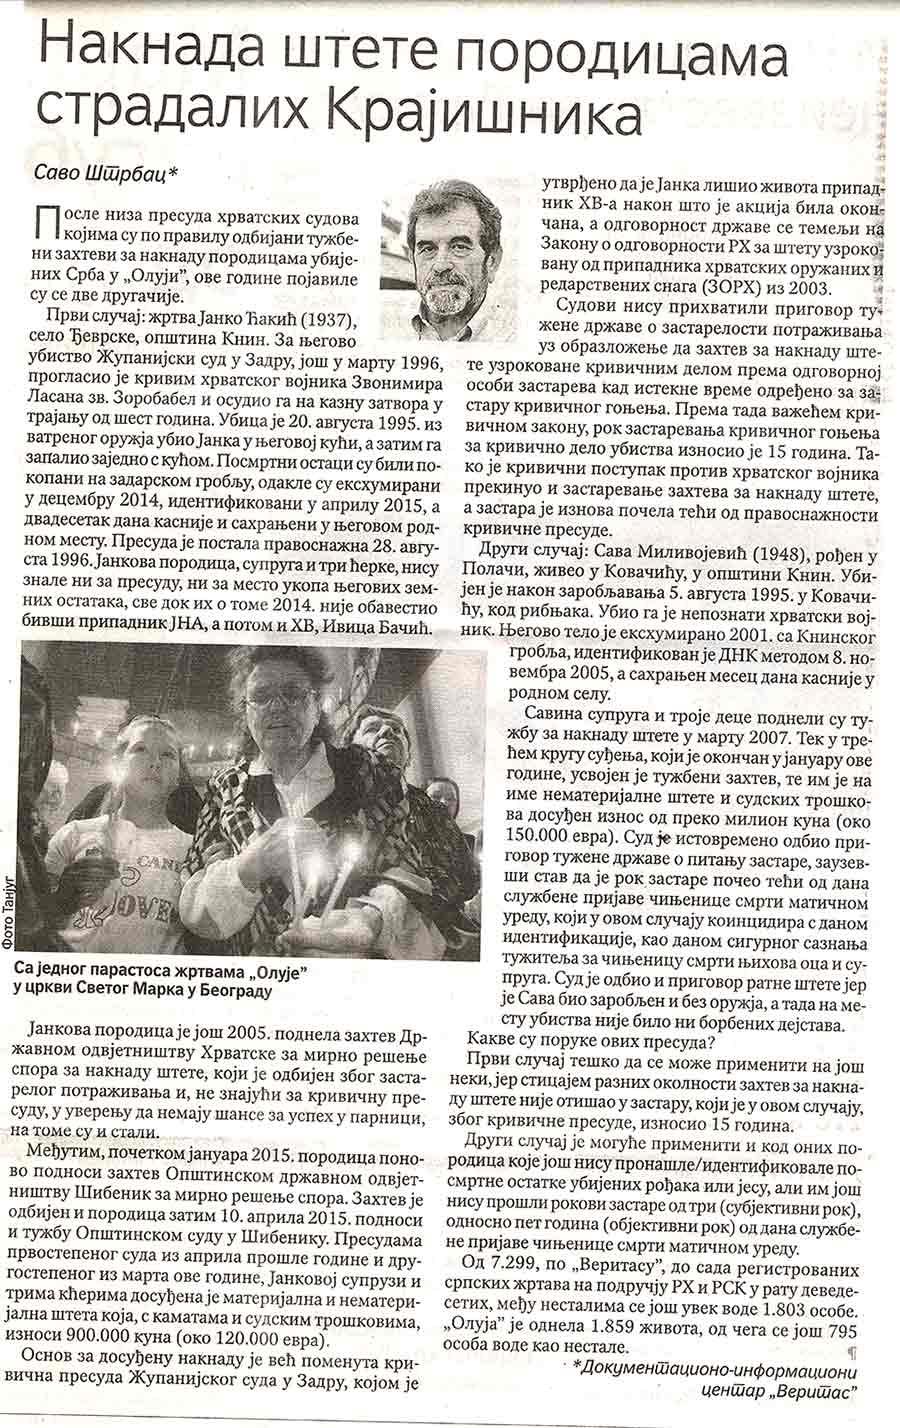 Politika, 05.08.2017, Savo Štrbac: Naknada štete porodicama stradalih Krajišnika